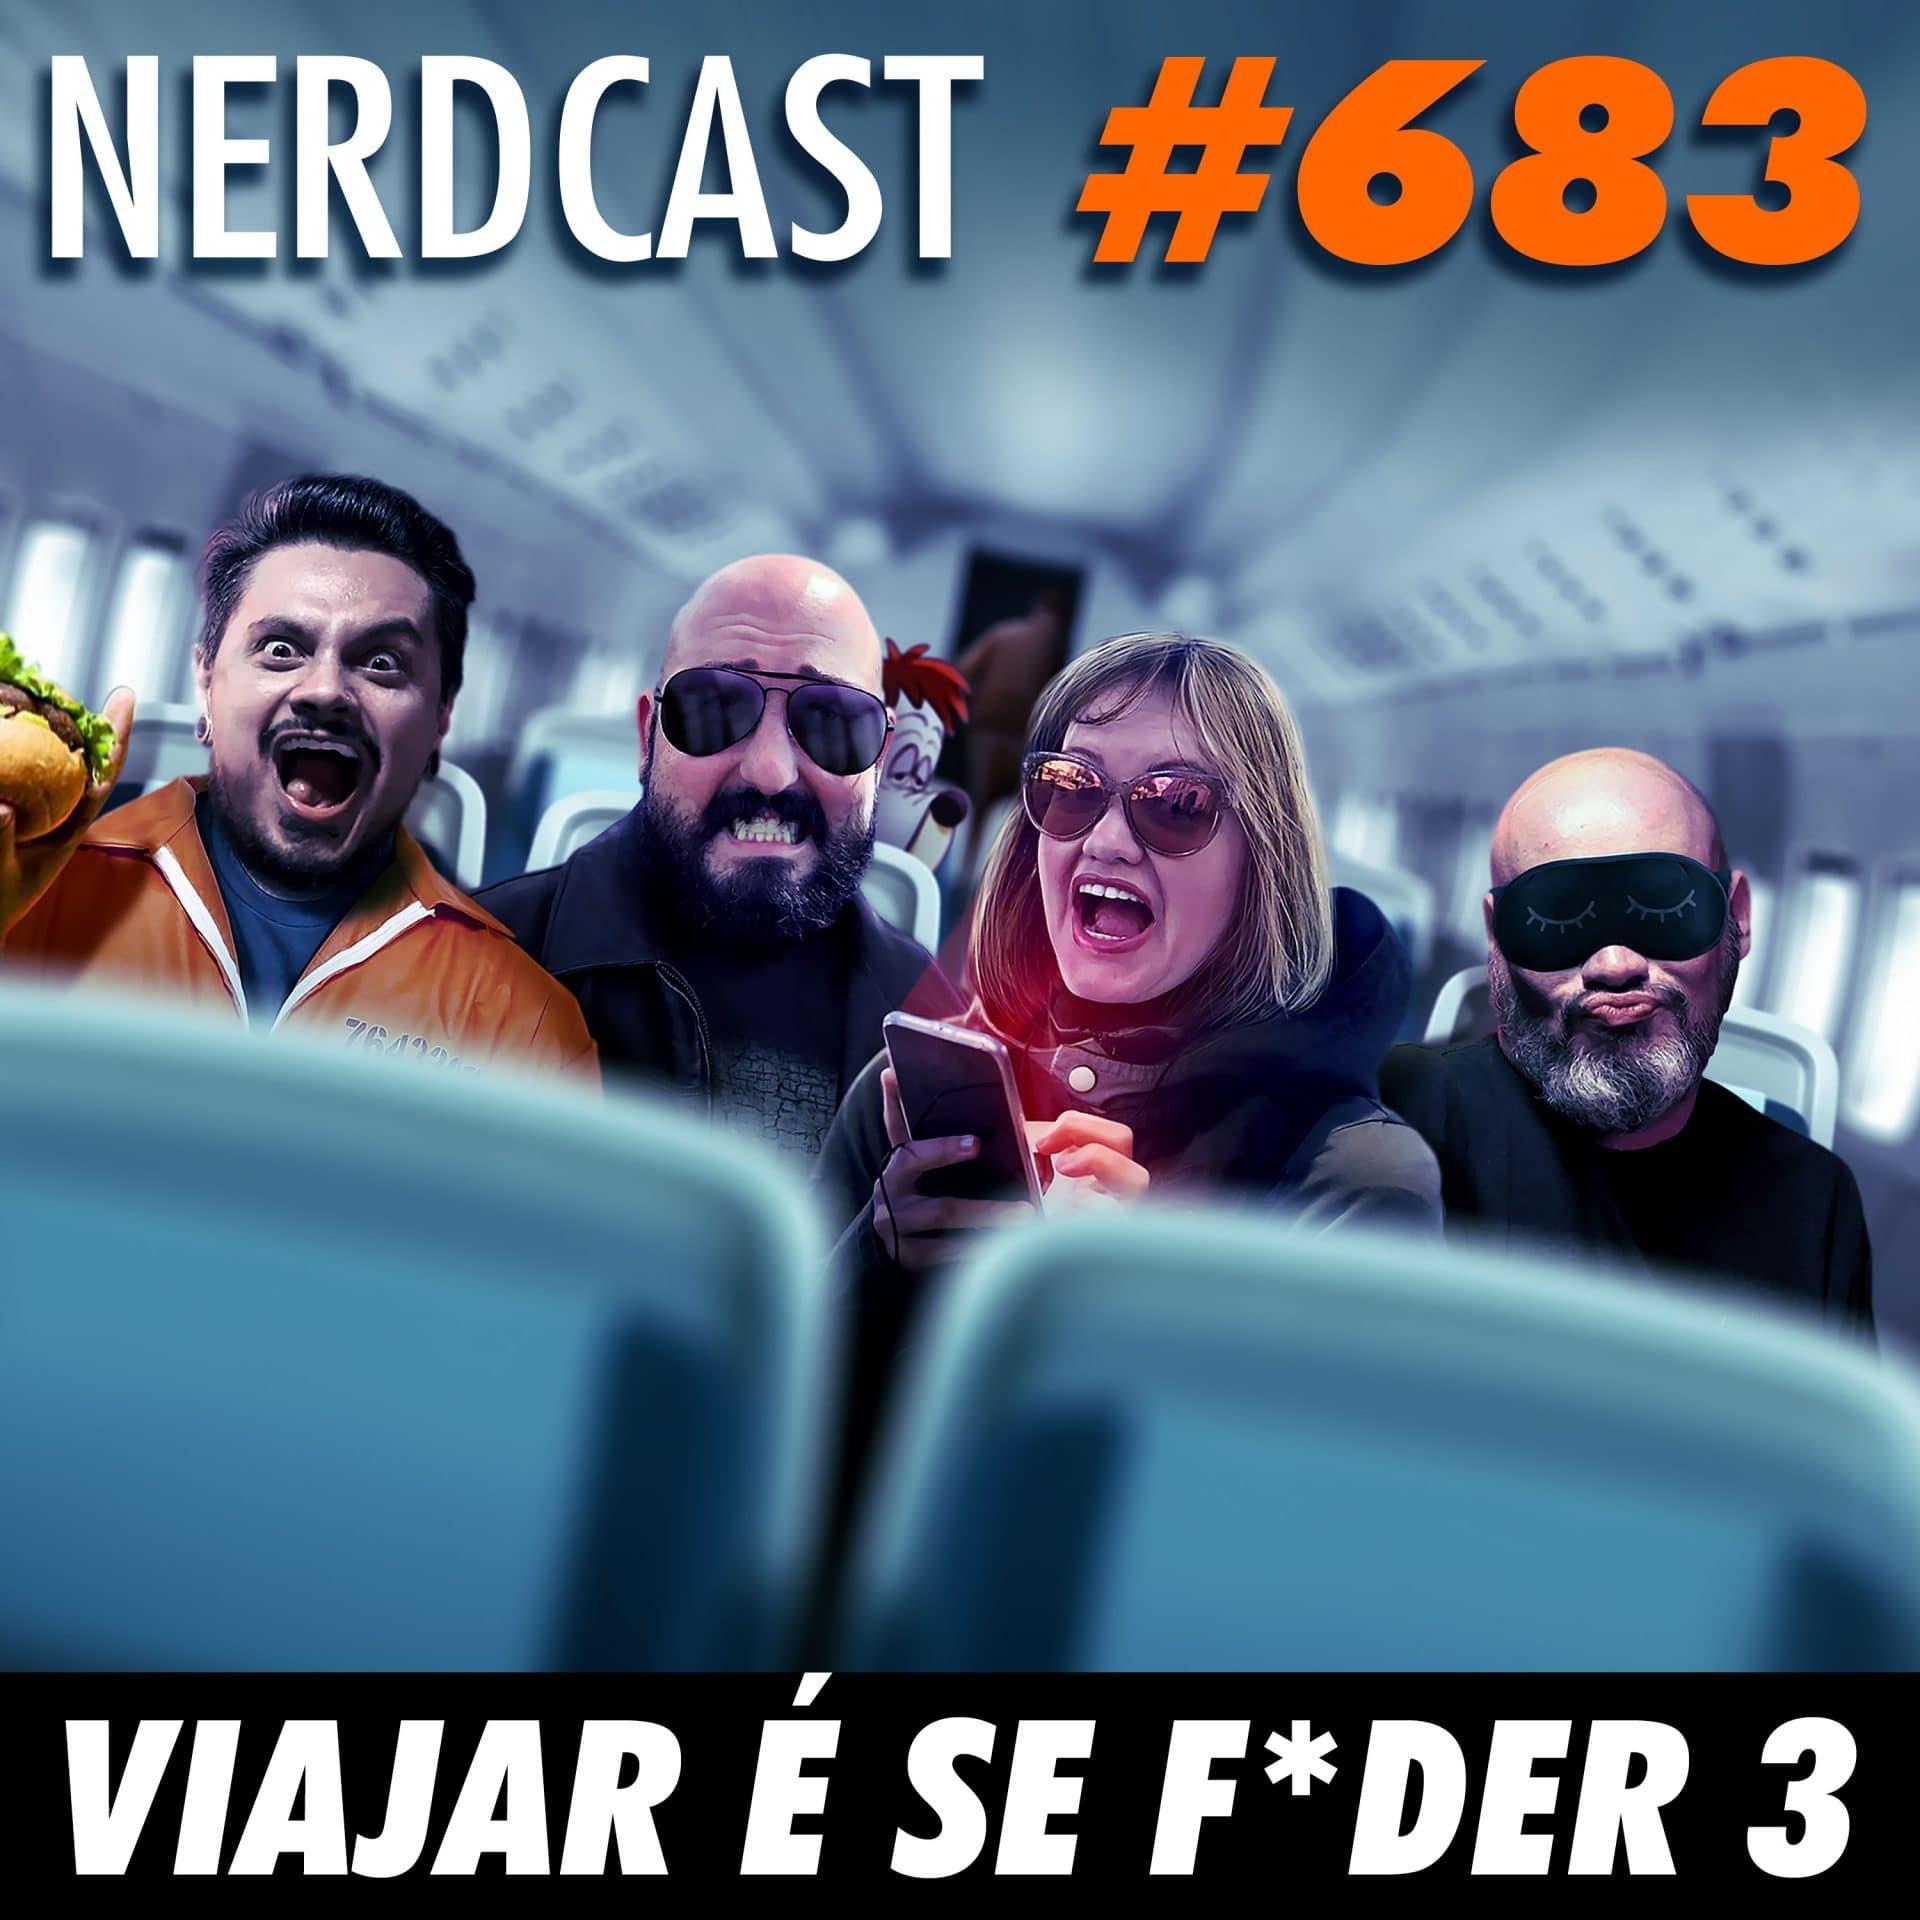 NerdCast 683 - Viajar é se f*der 3